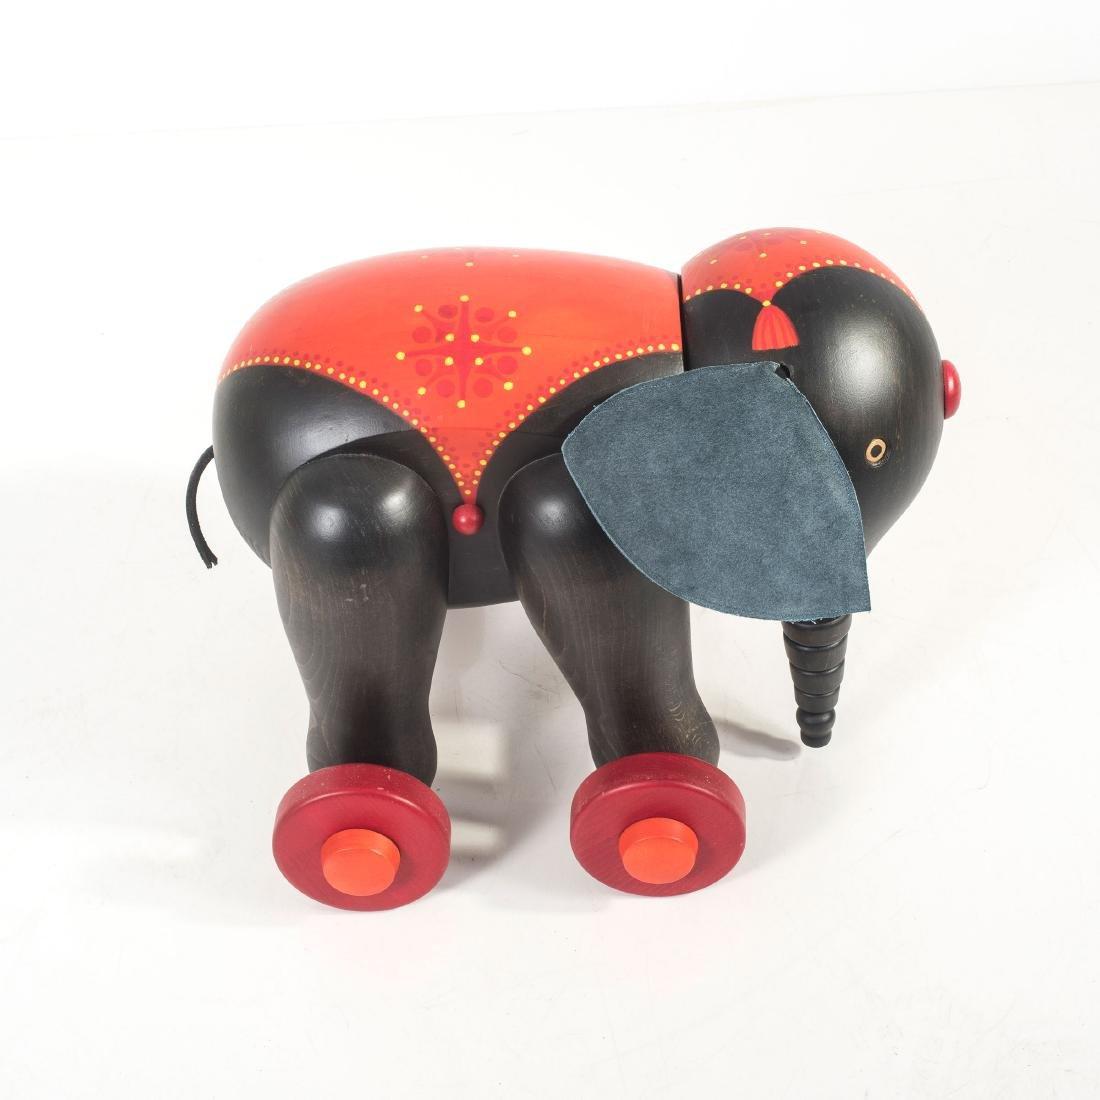 Toy elephant, 1970s - 5